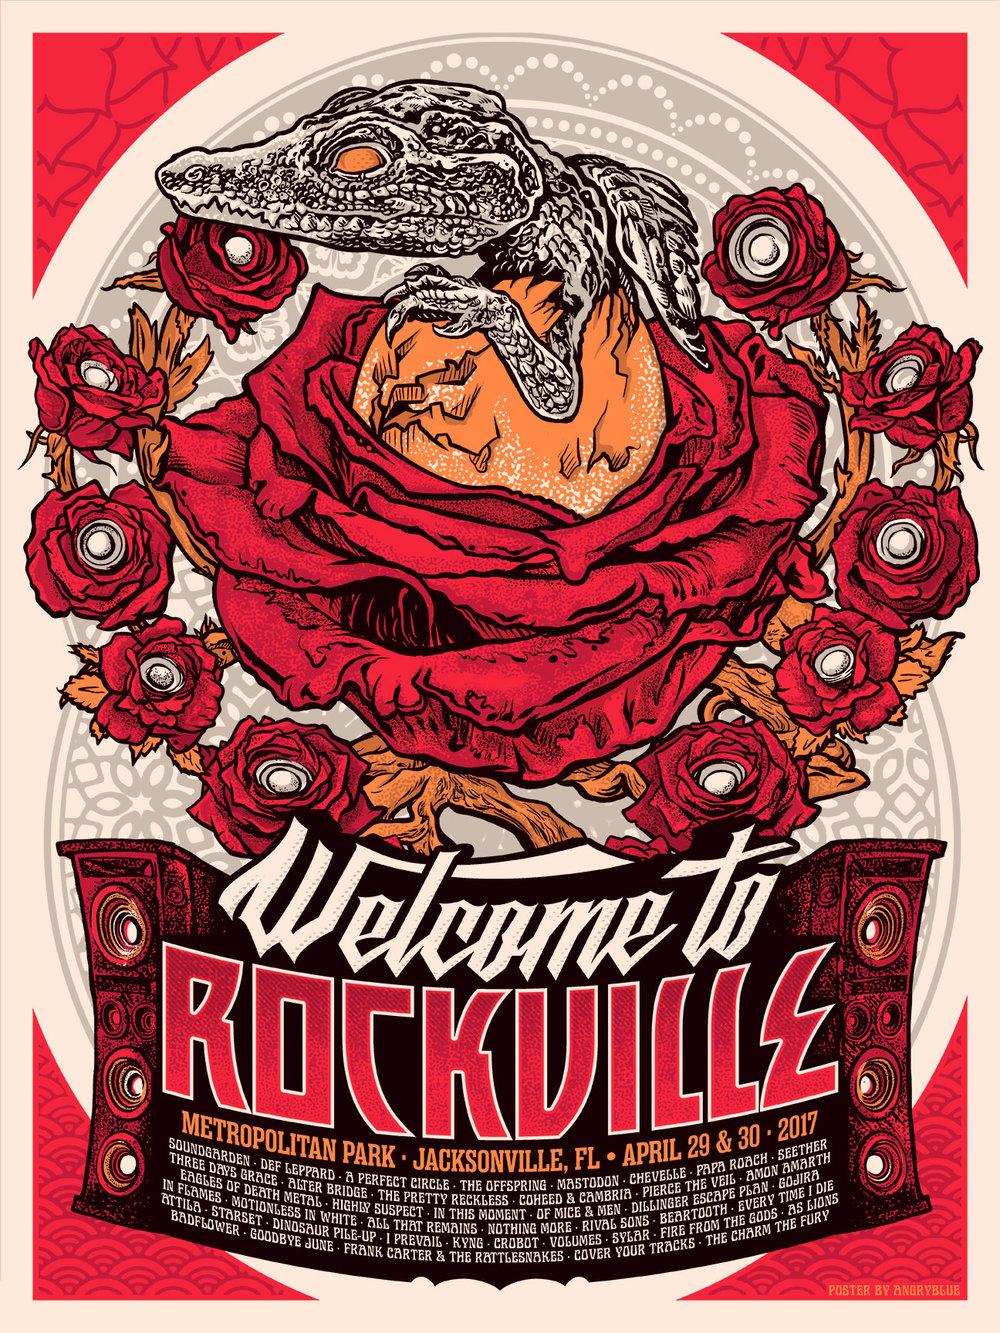 Rockville_Seps.jpg